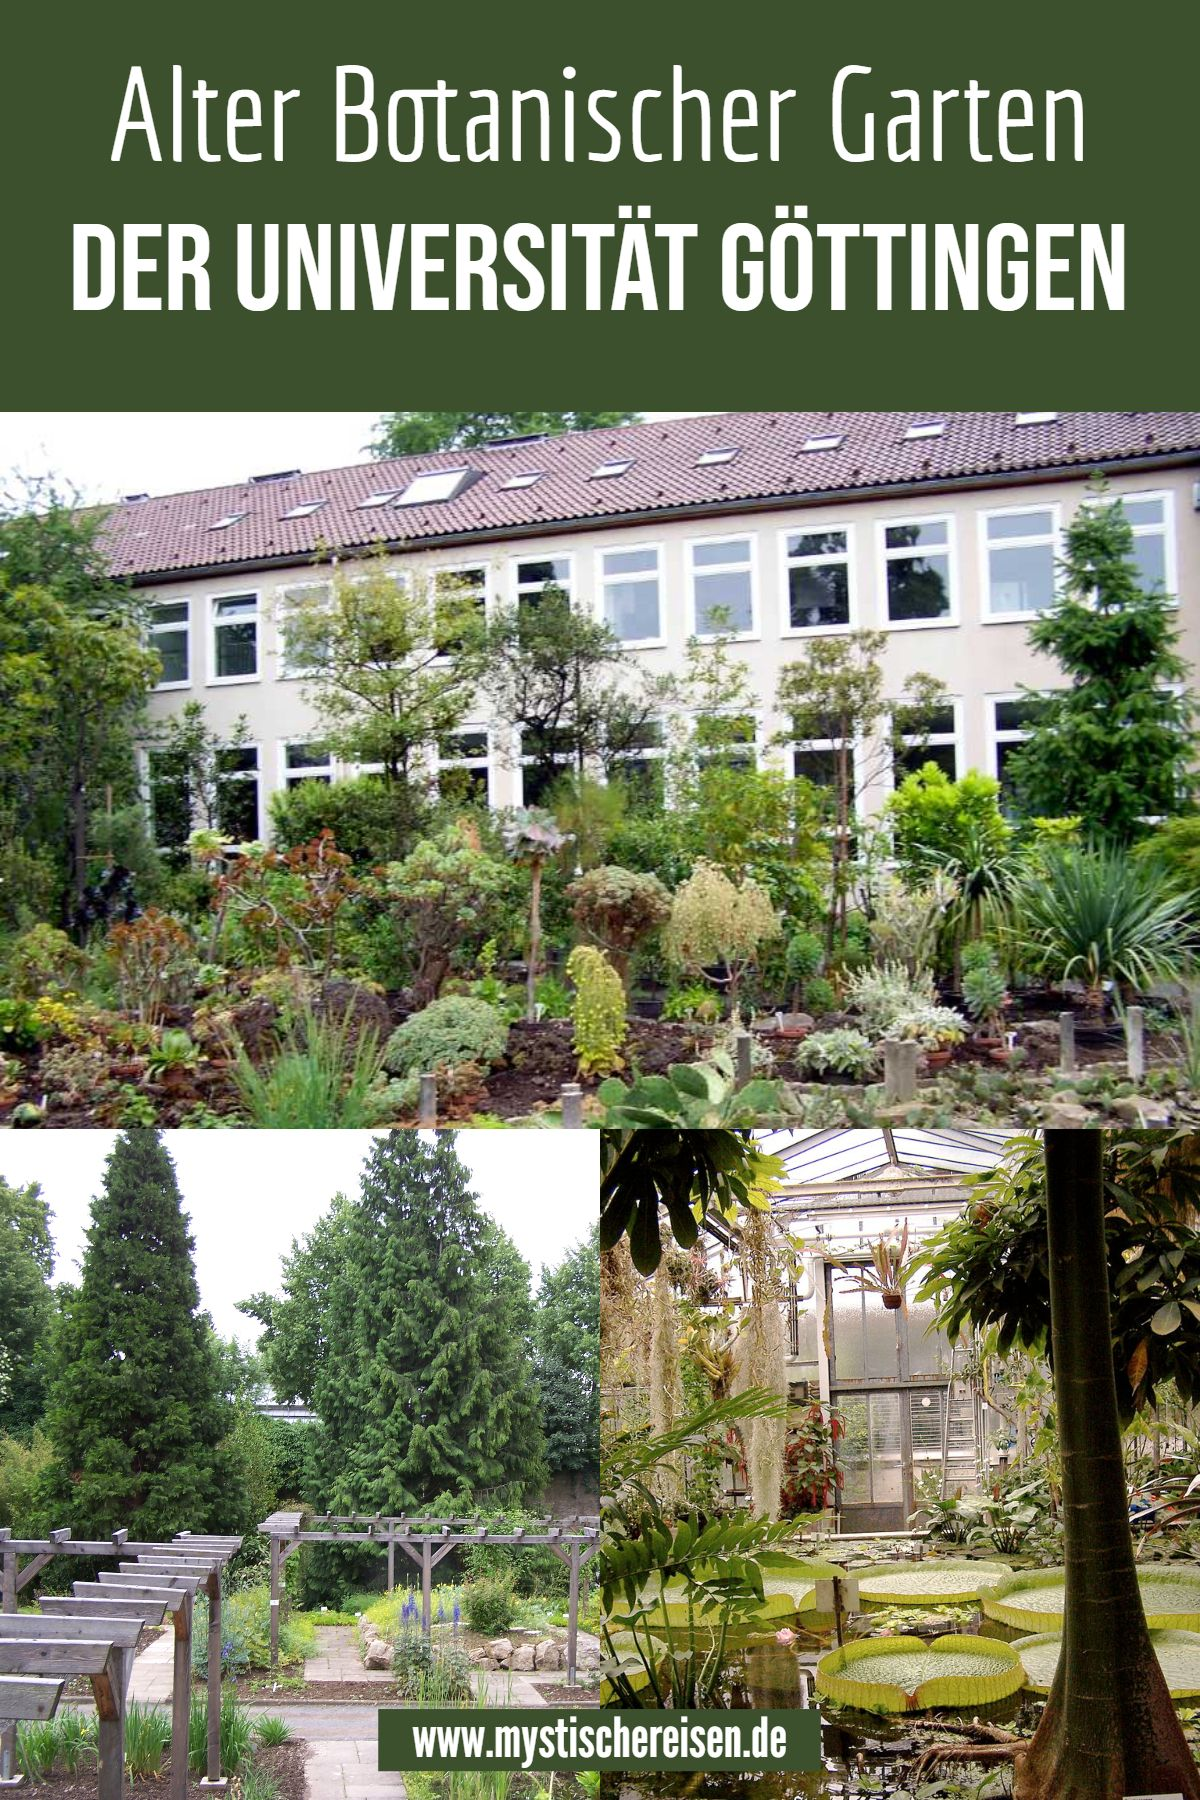 Alter Botanischer Garten Der Universitat Gottingen Botanischer Garten Urlaub Reisen Sehenswurdigkeiten